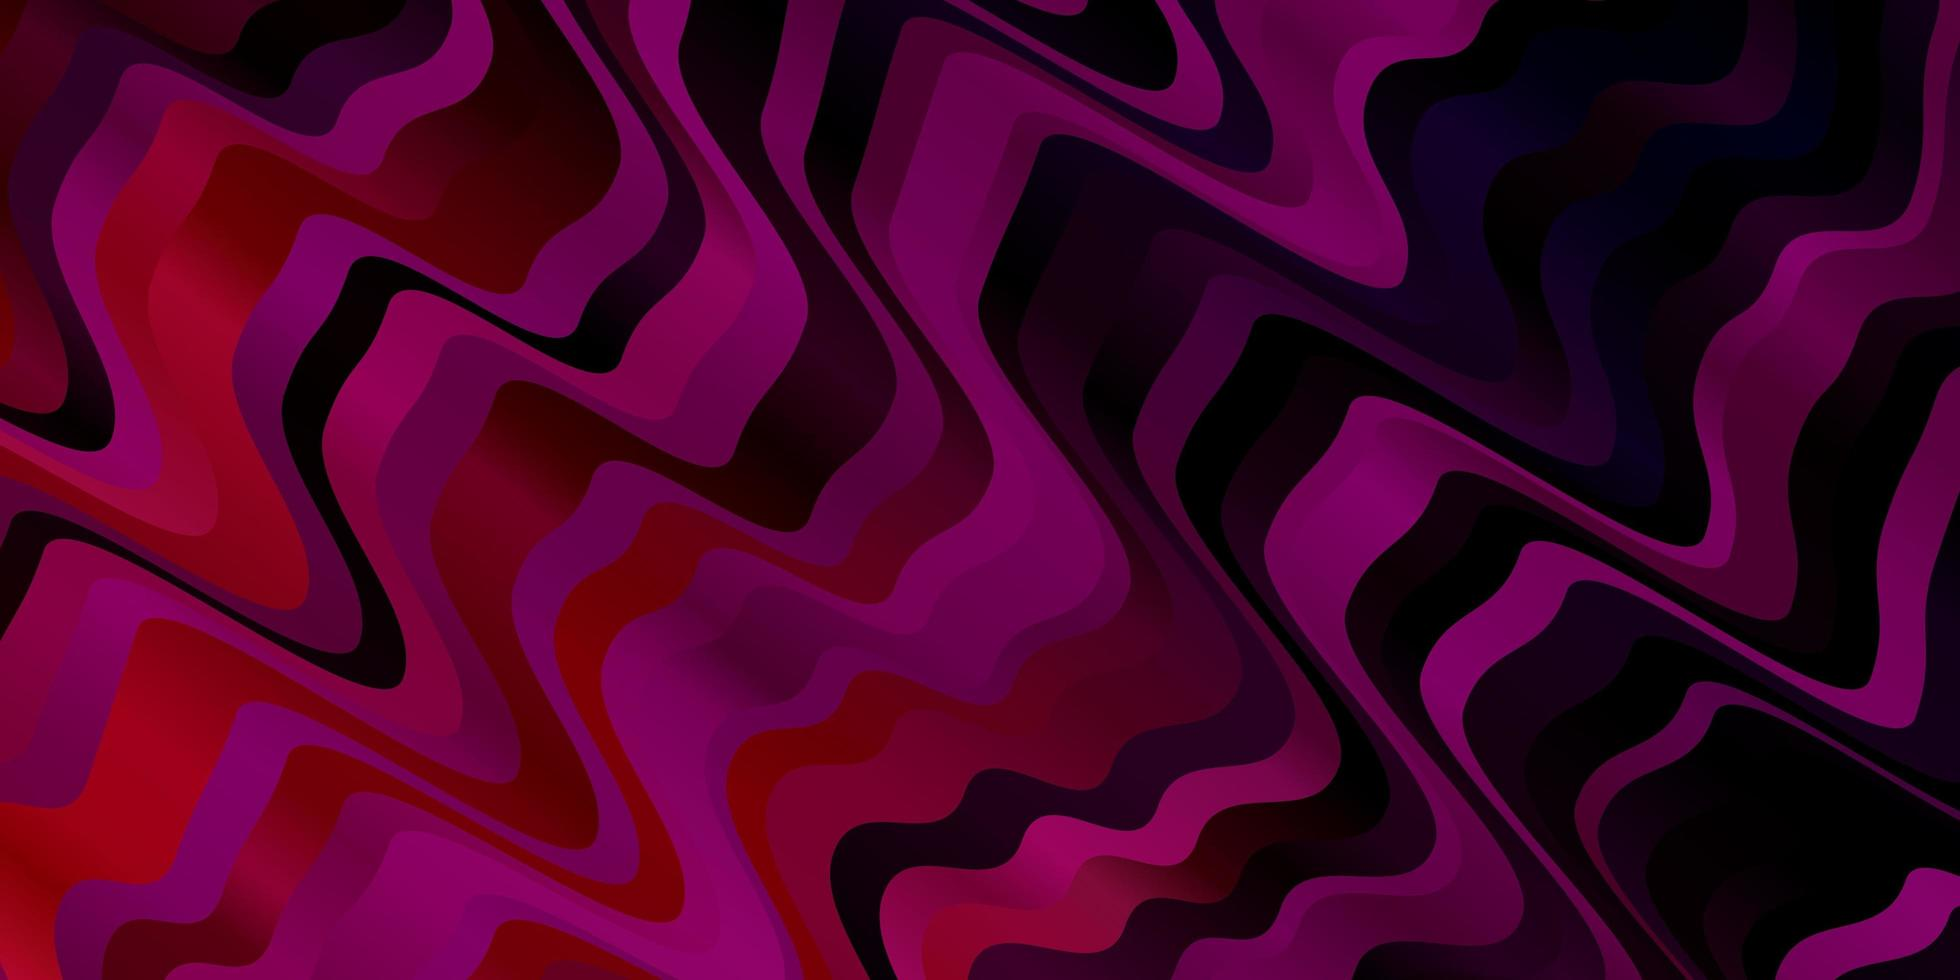 Telón de fondo de vector rosa oscuro con arco circular.